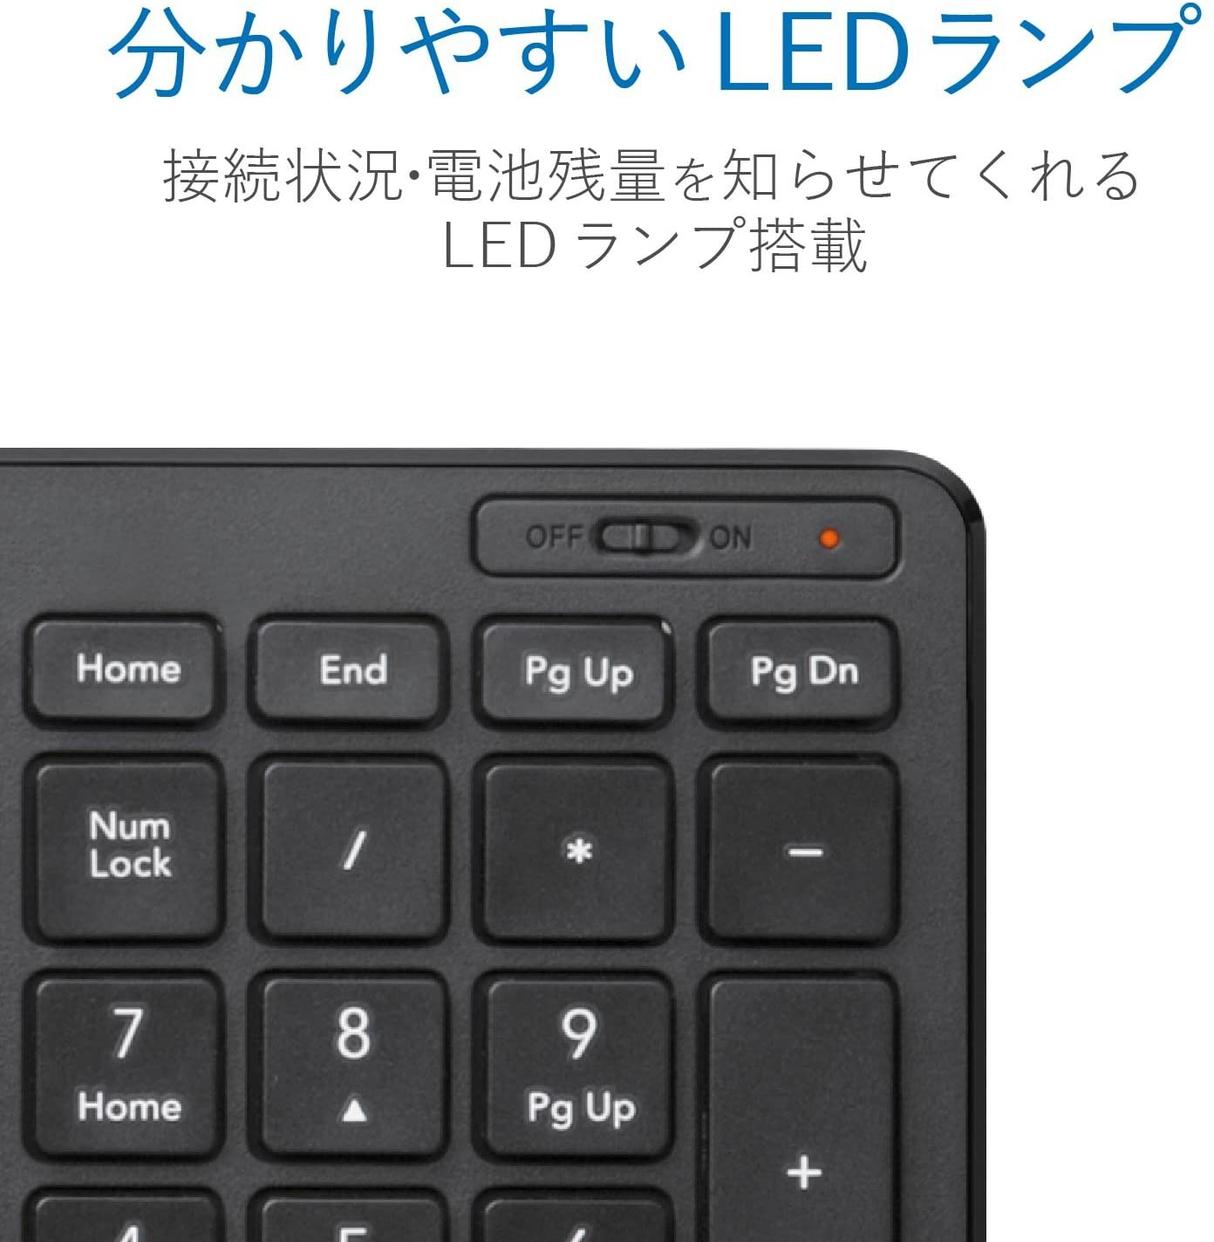 ELECOM(エレコム) 無線超薄型コンパクトキーボード TK-FDP099Tの商品画像6